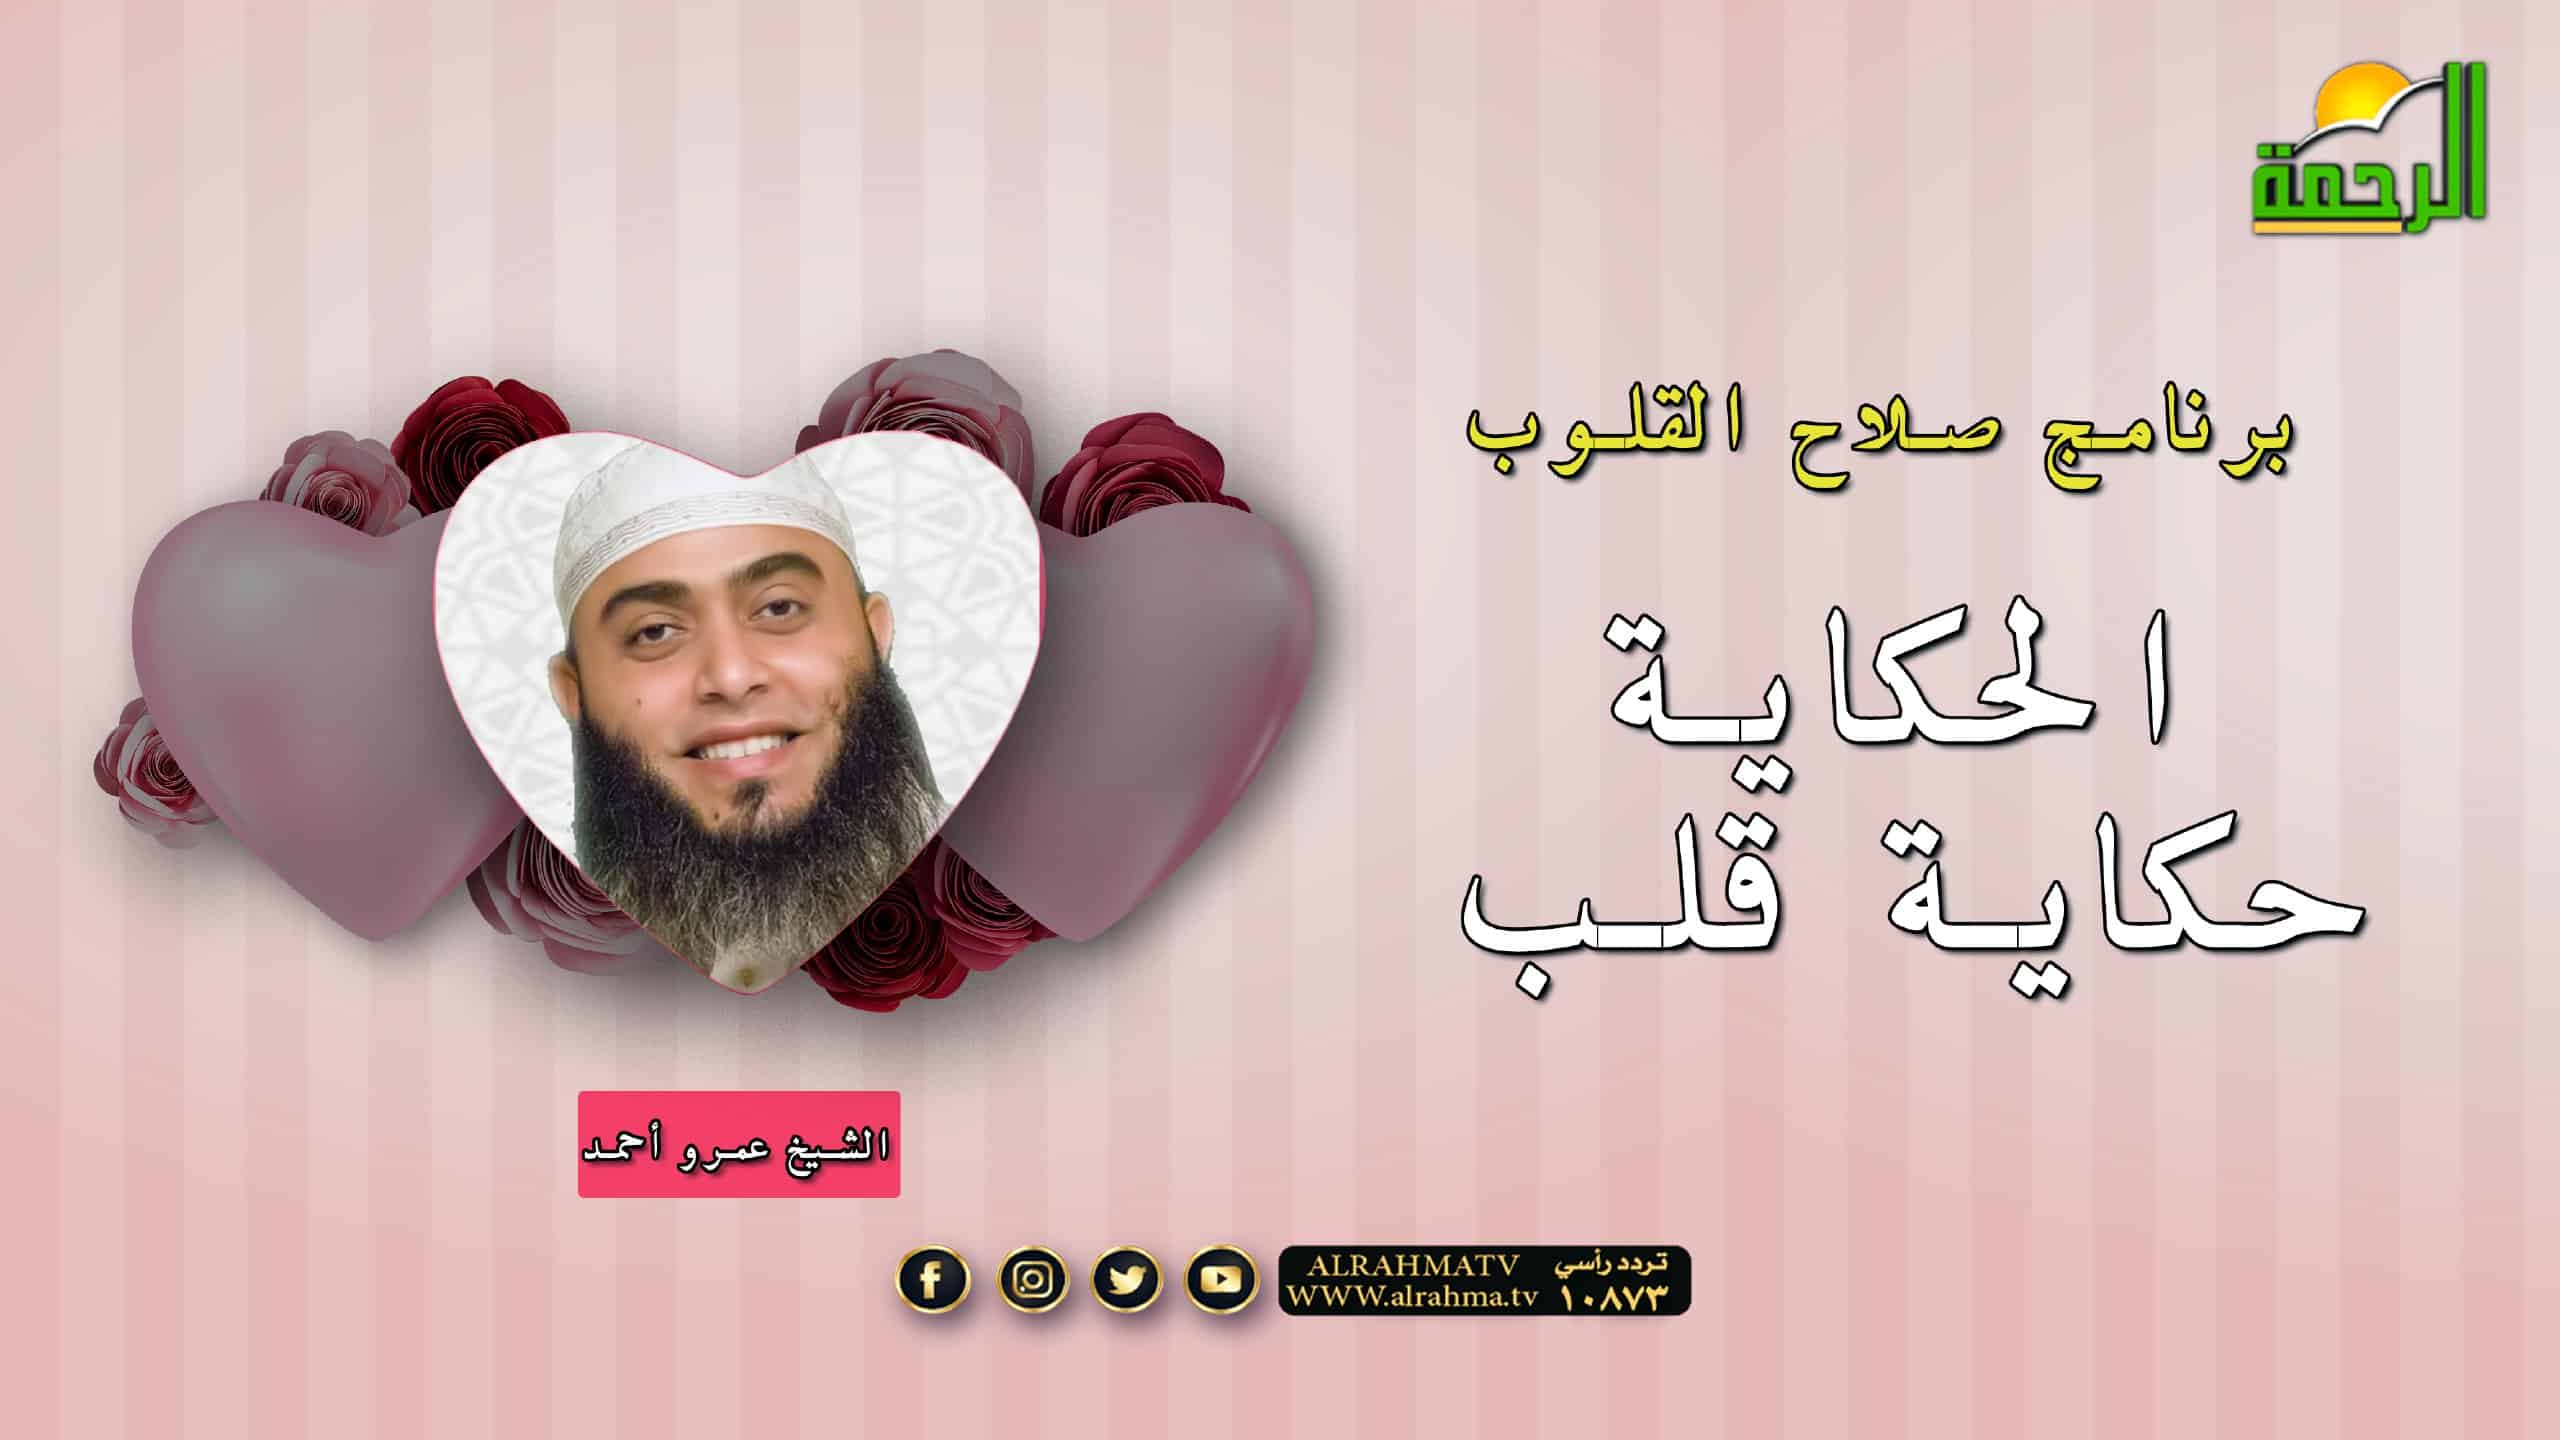 صلاح القلوب مع فضيلة الشيخ عمرو أحمد